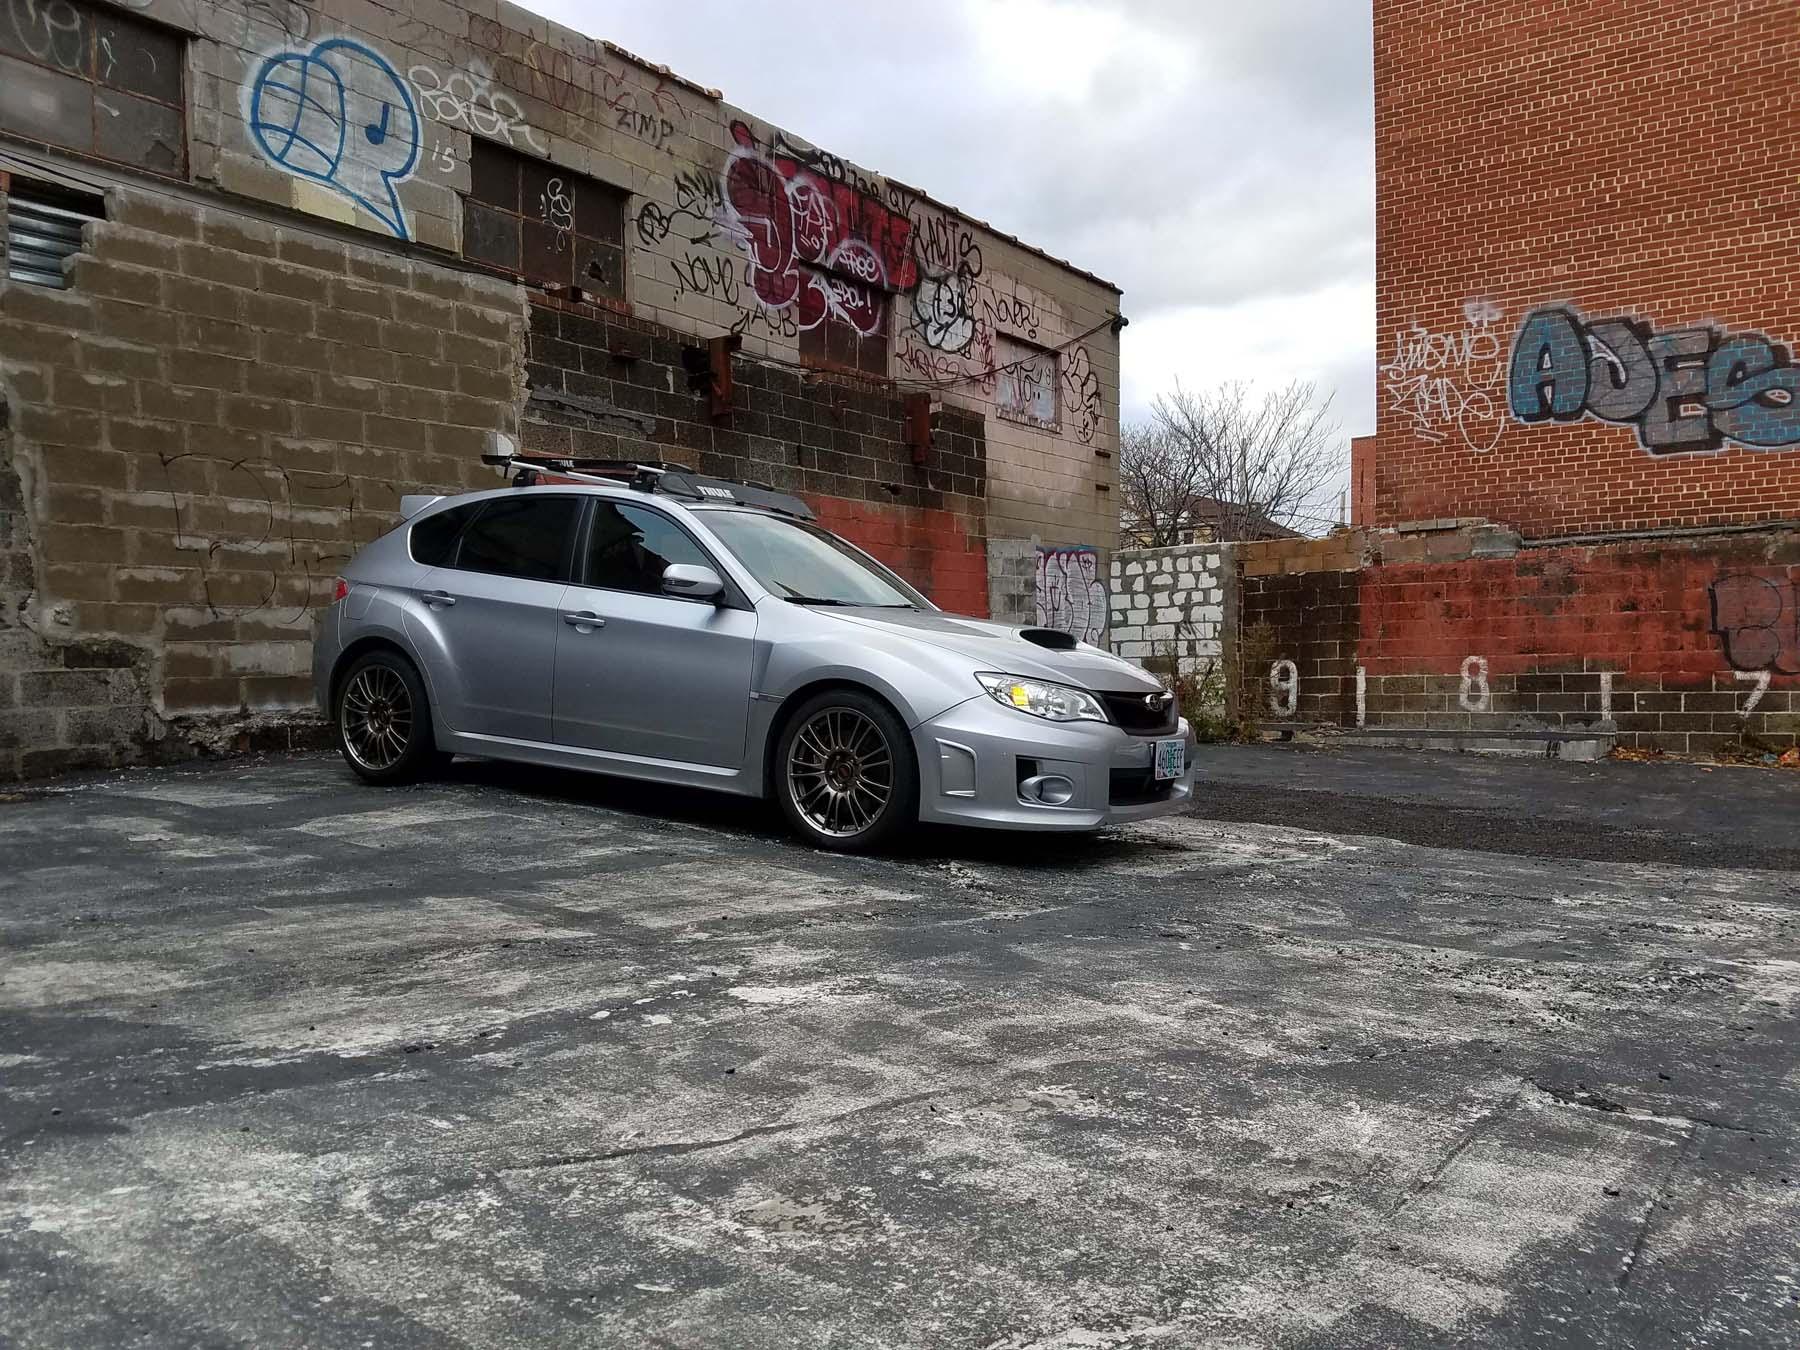 2012 STI Hatchback - Ice Silver Metallic - Queens/Nassau-2-jpg